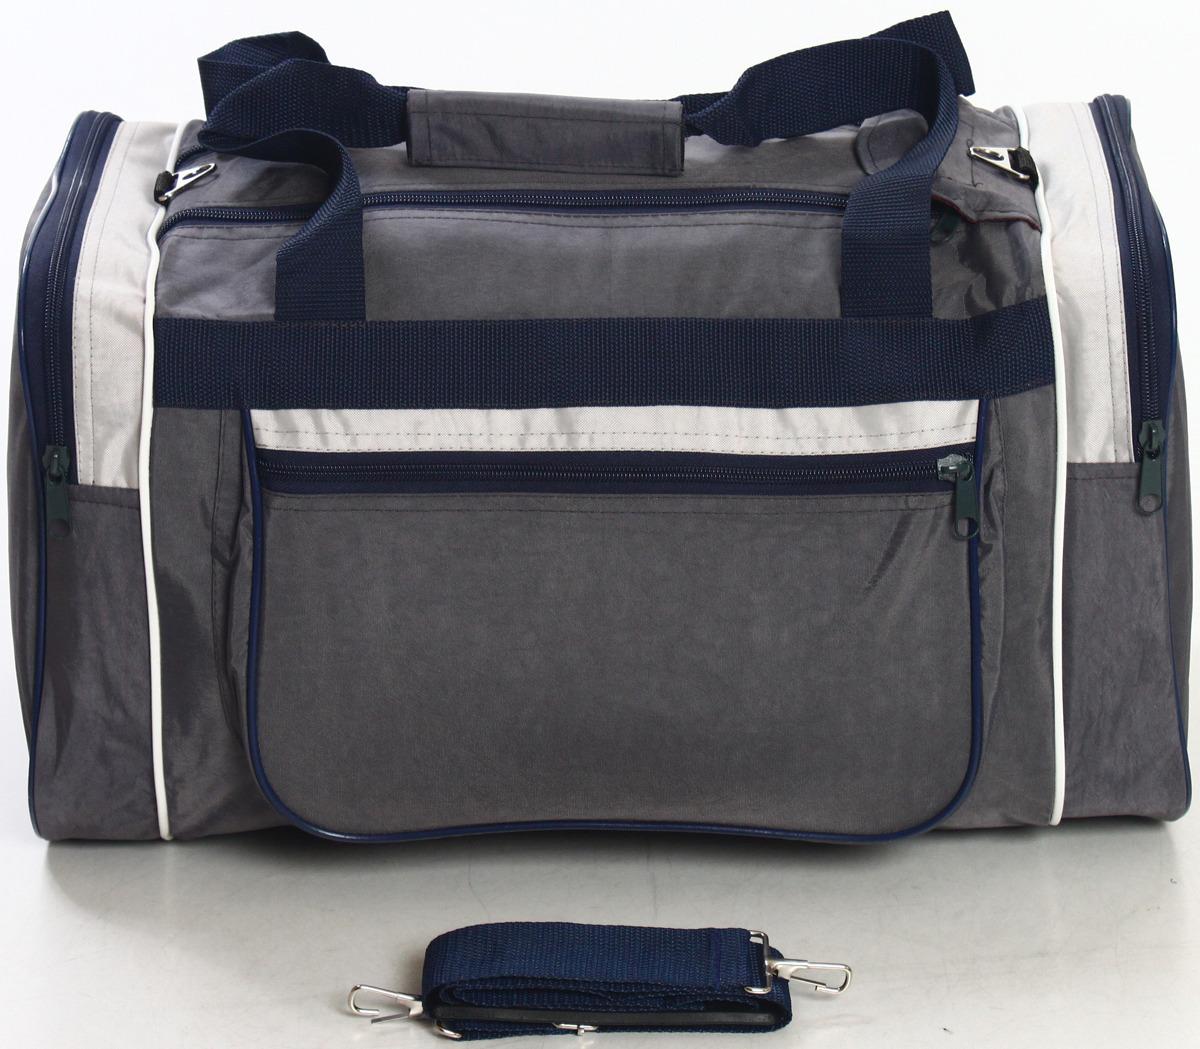 Сумка дорожно-спортивная Ibag, цвет: серый, синий, 36,5 л. 6205/8